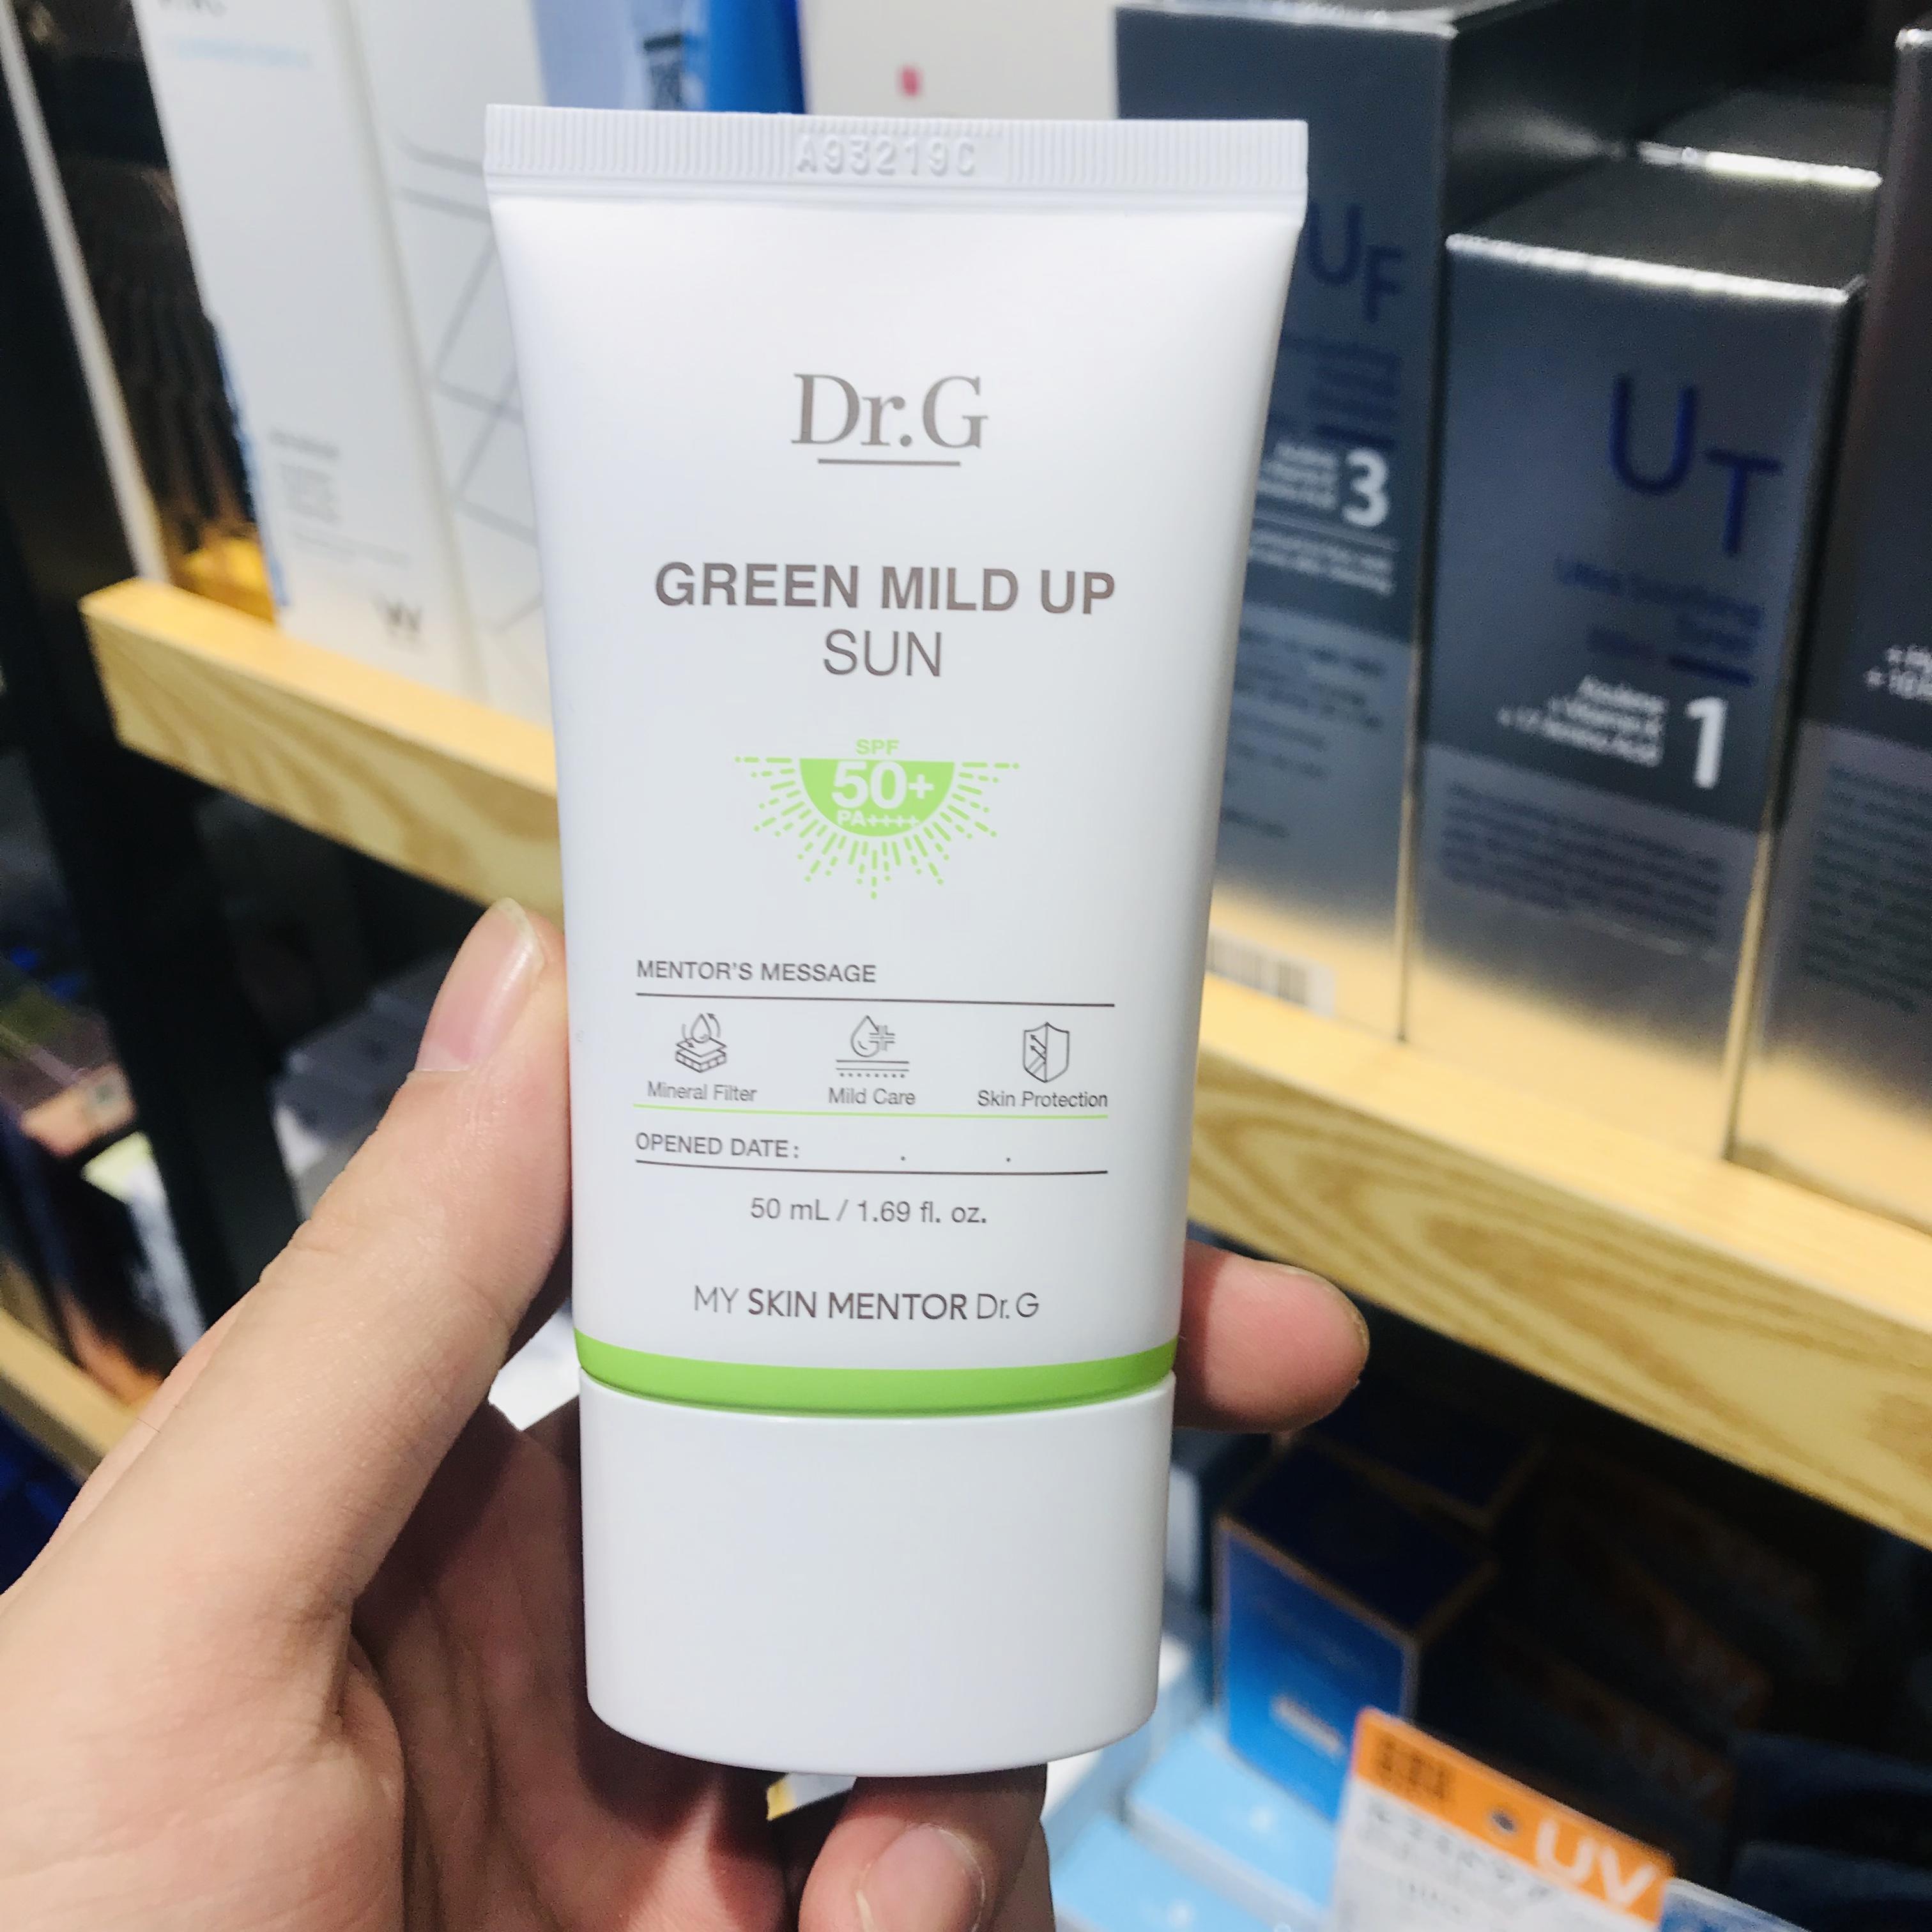 韩国DR.G/DRG蒂迩肌敏感肌学生孕妇保湿隔离紫外线 纯物理防晒霜